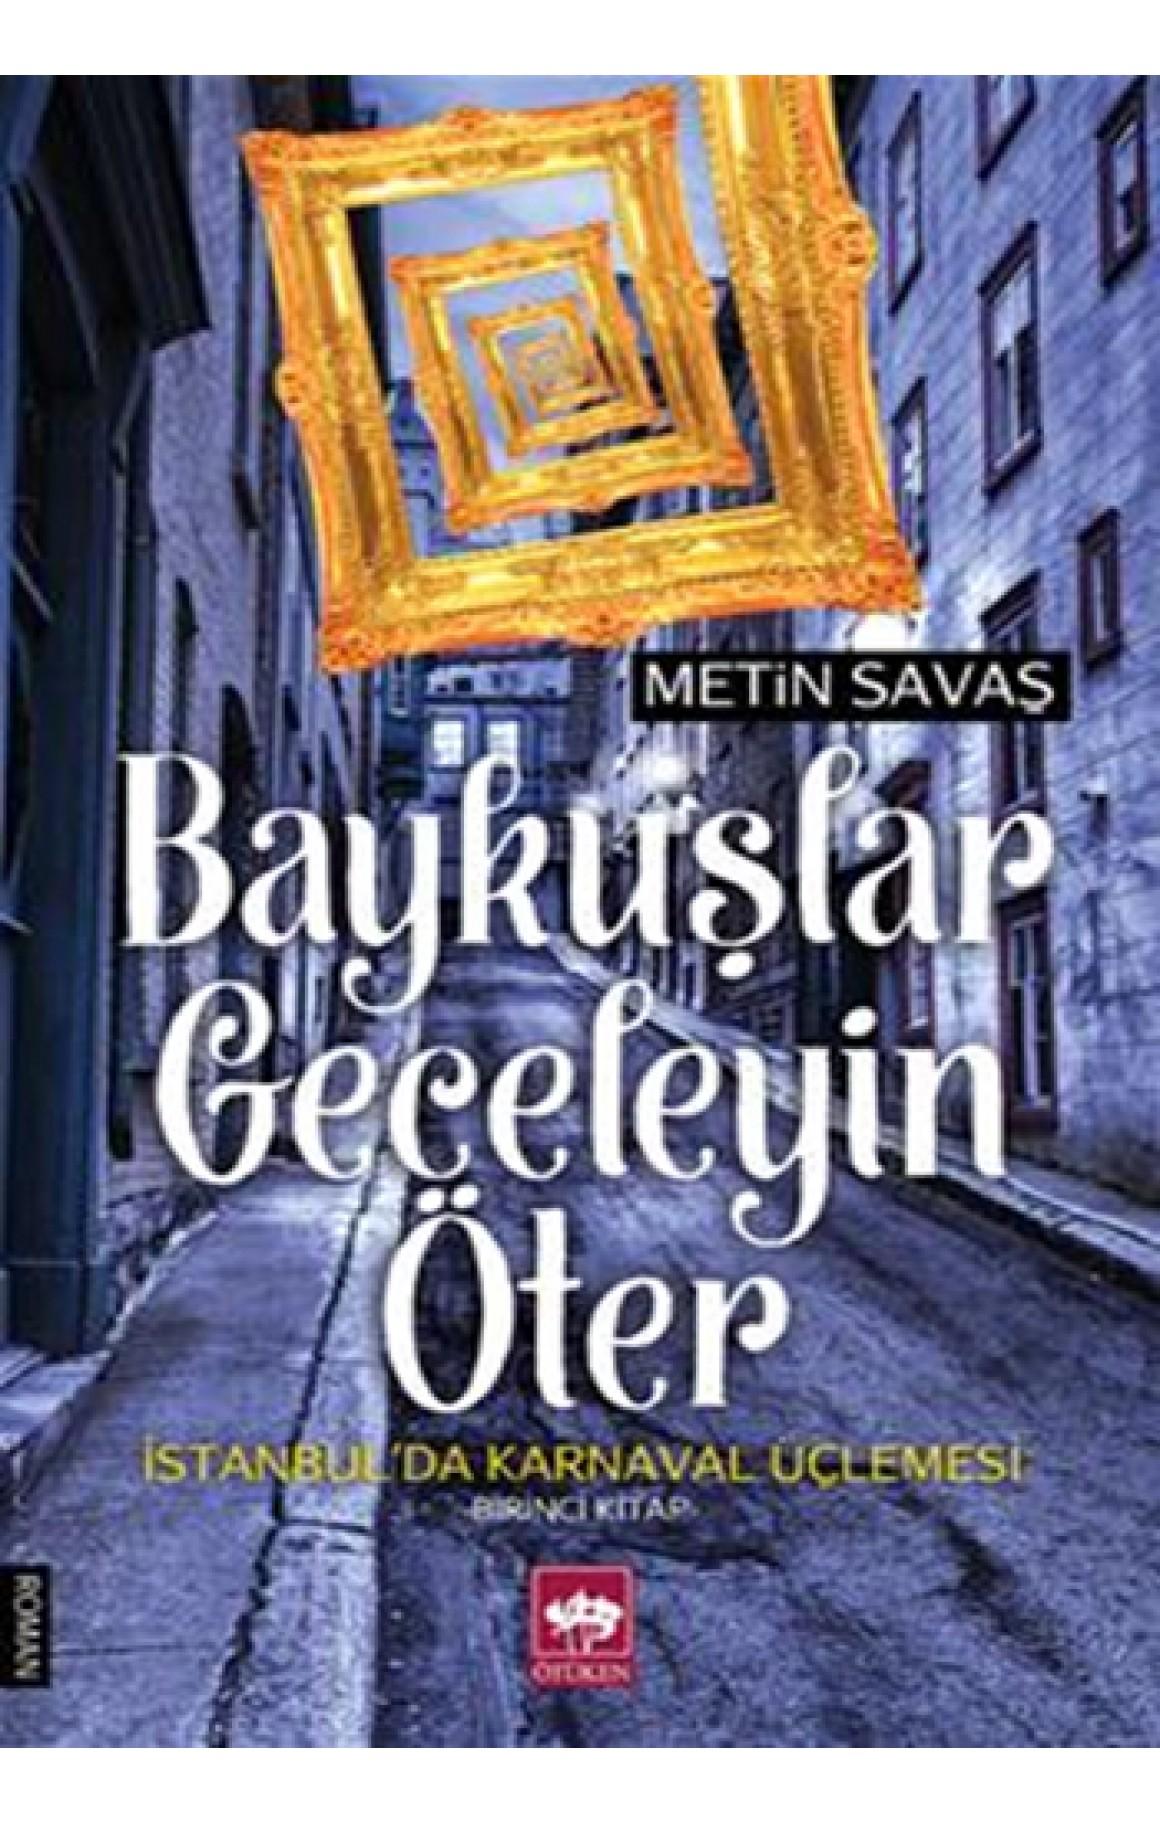 Baykuşlar Geceleyin Öter - İstanbulda Karnaval Üçlemesi 1. Kitap